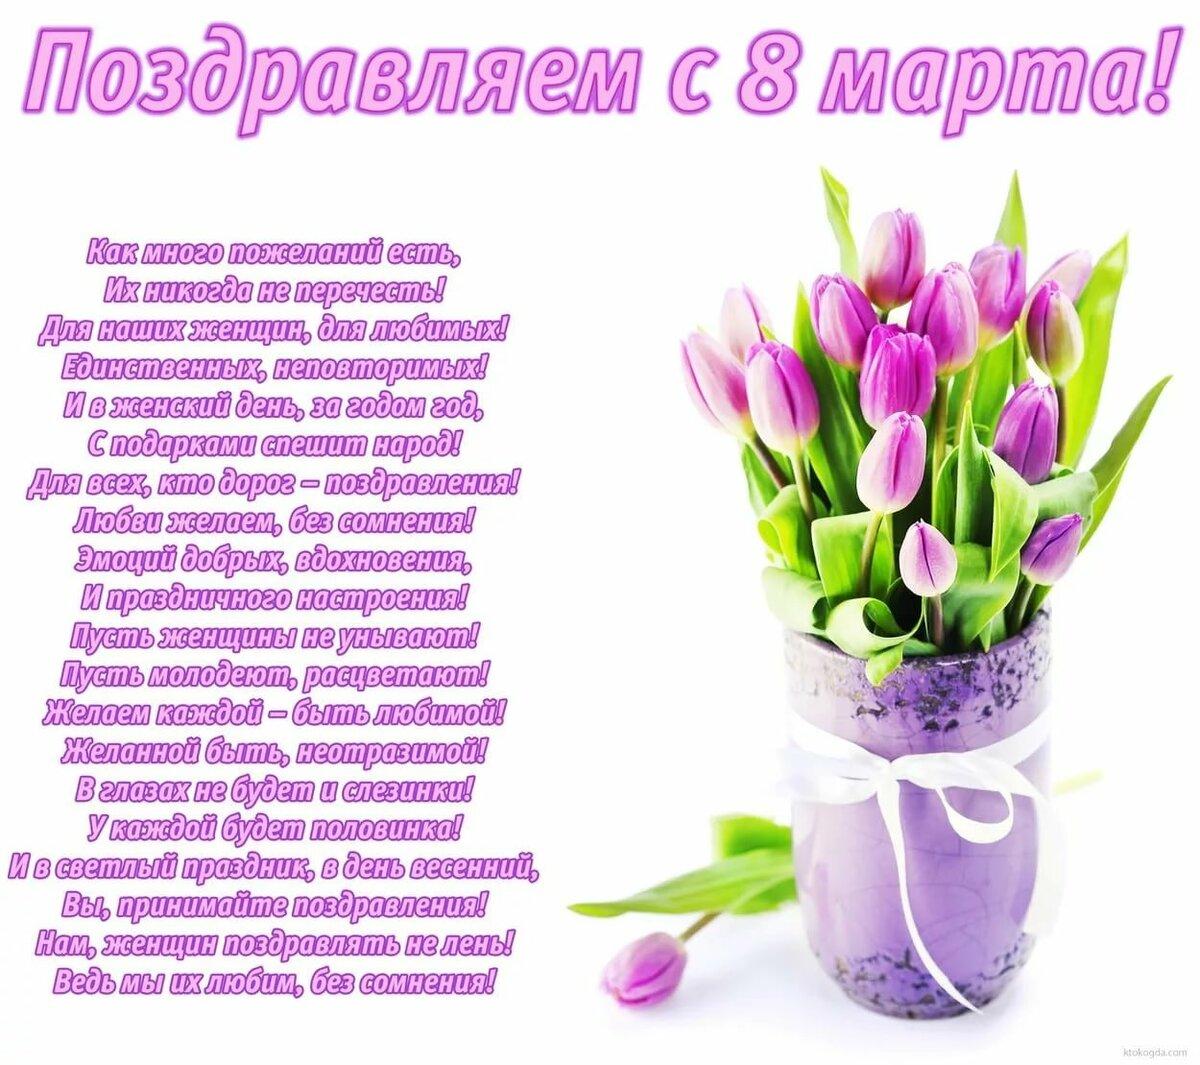 Открытка поздравлением, картинки 8 марта со словами